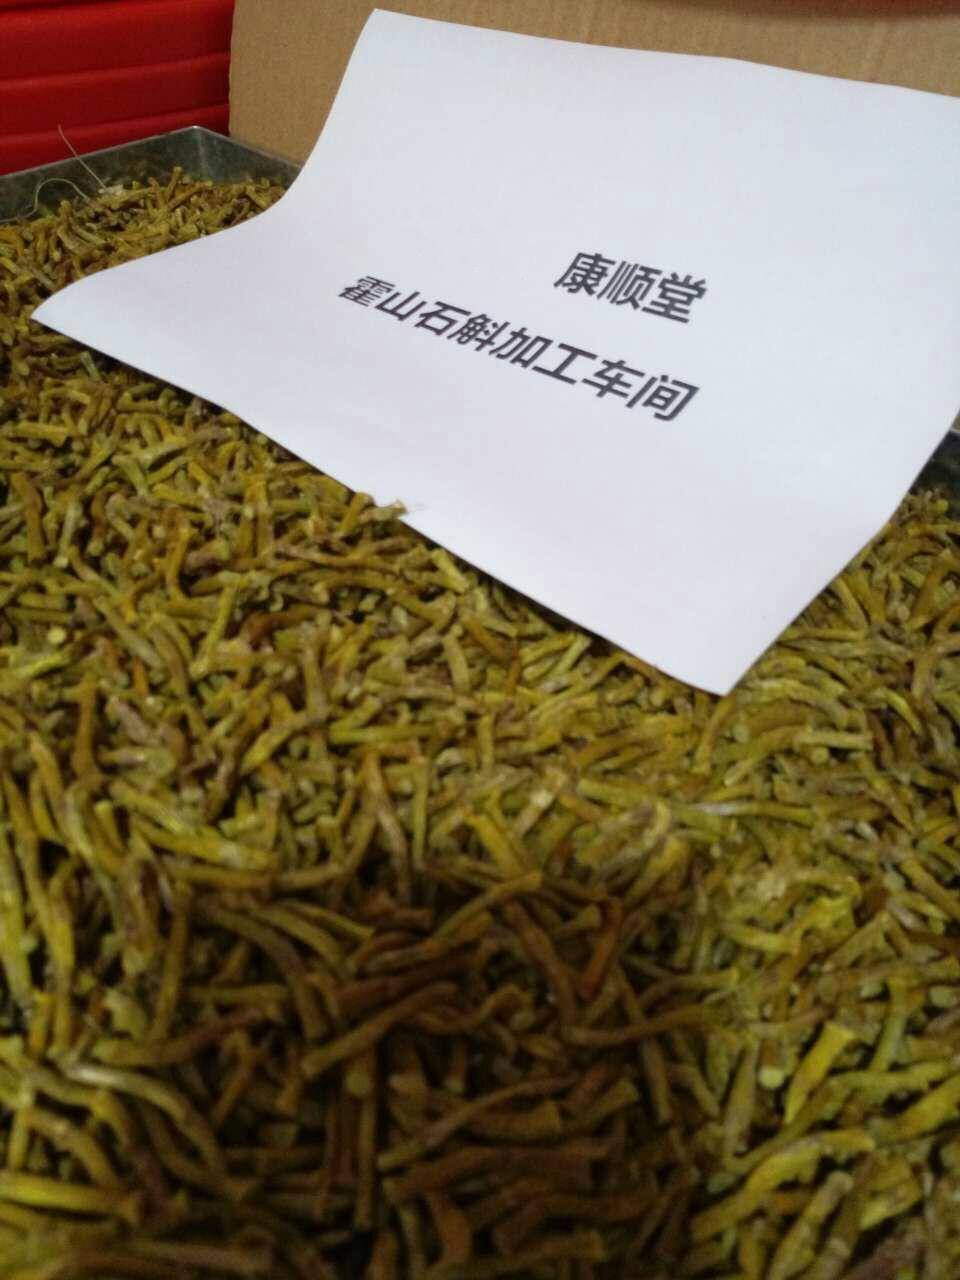 康顺堂霍山石斛寸金 霍山铁皮石斛寸金干条批发 野生种植铁皮枫斗(图19)